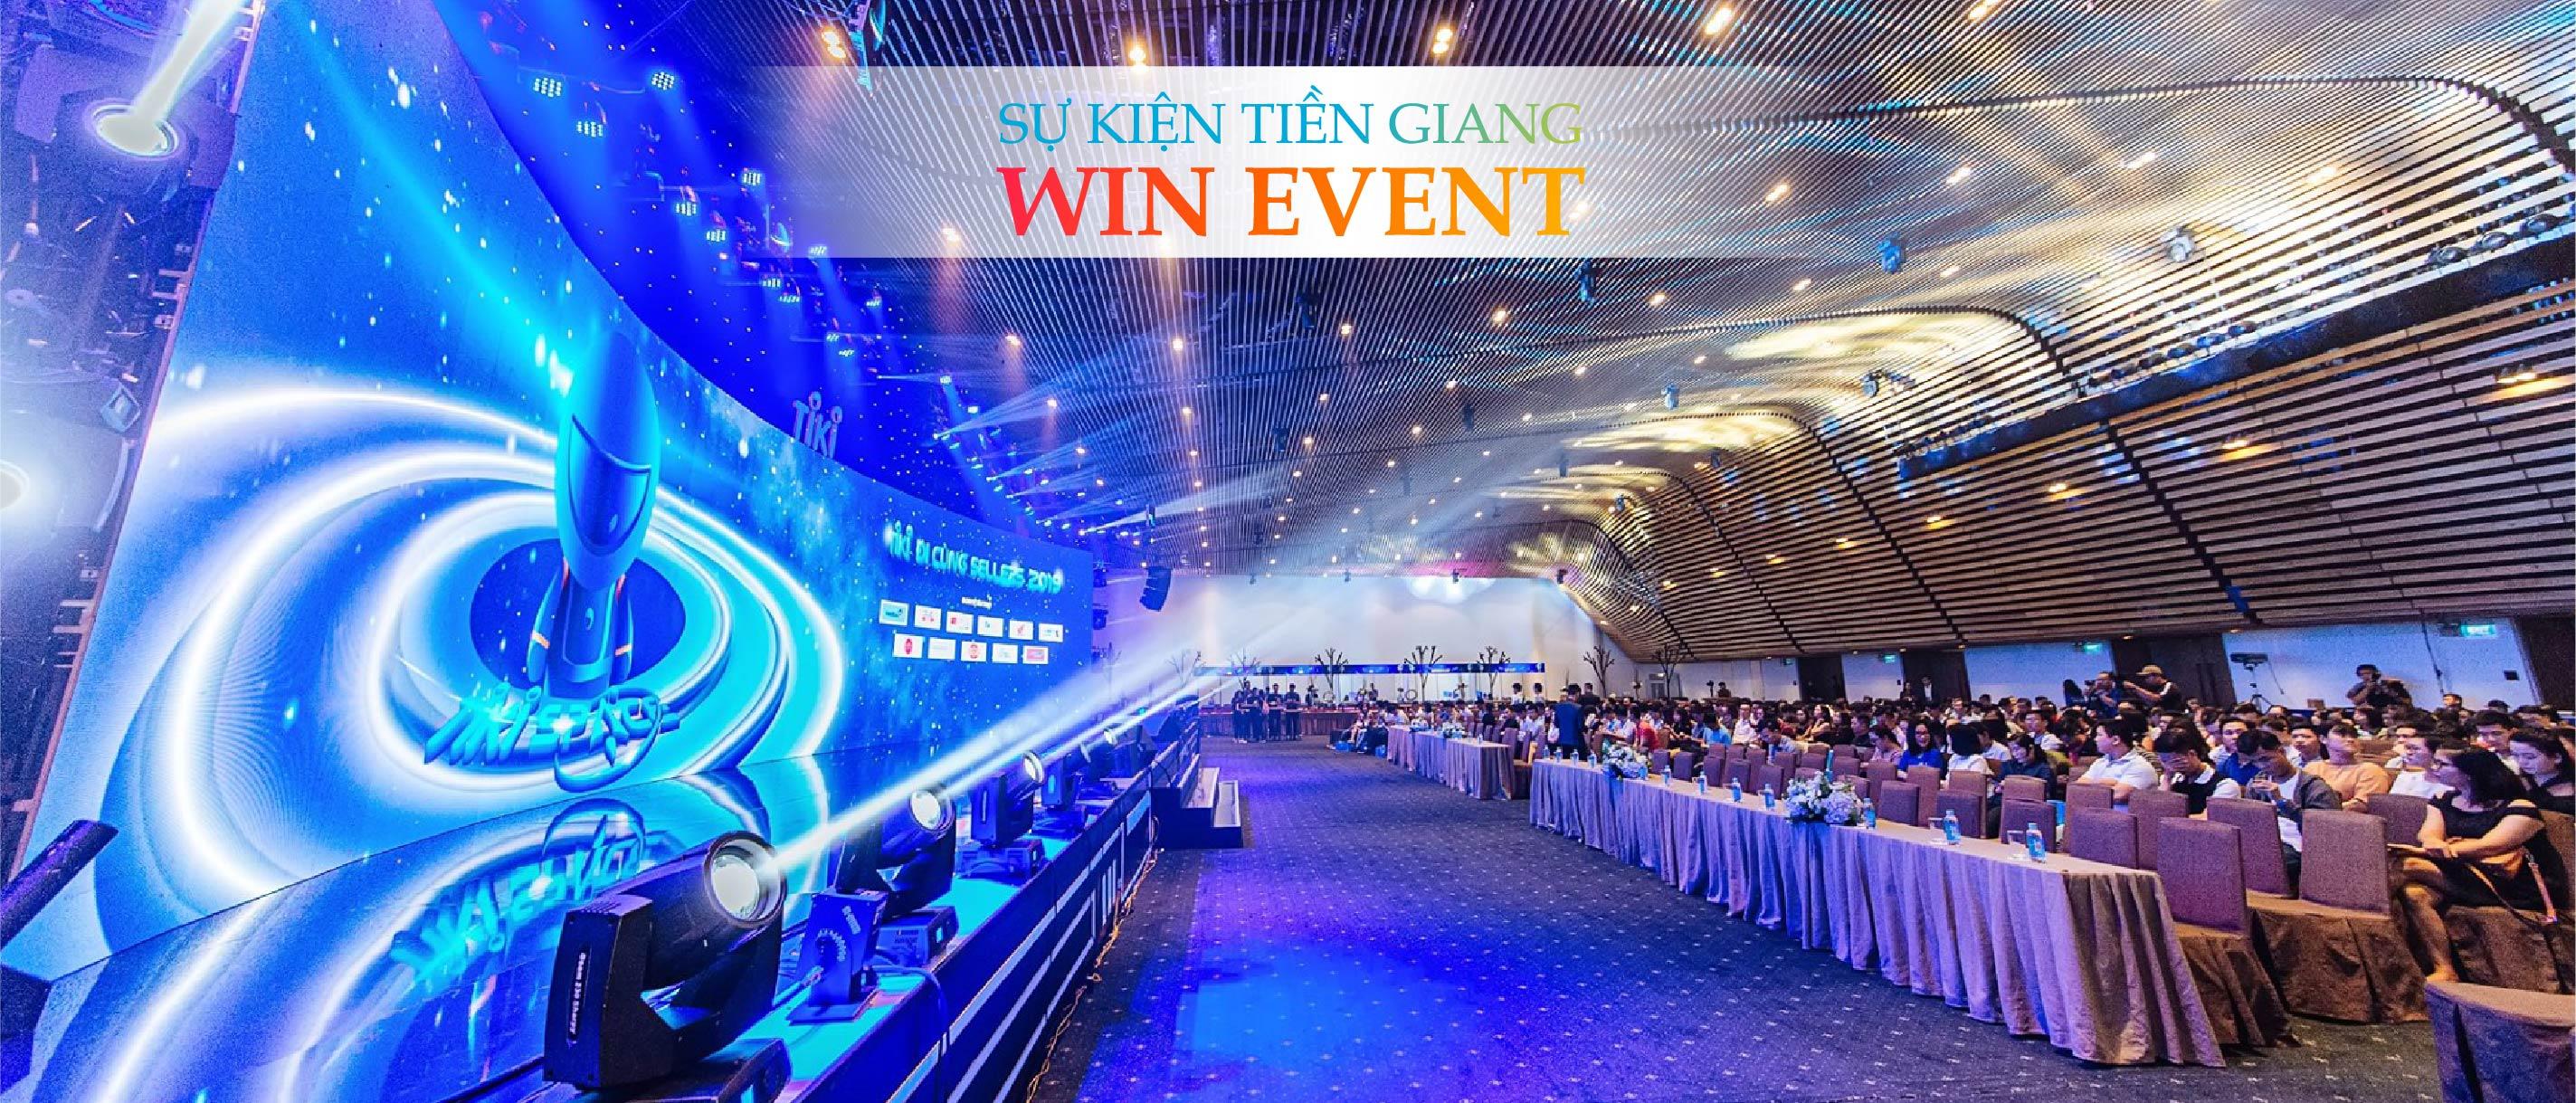 Công ty tổ chức sự kiện chuyên nghiệp tại Tiền Giang